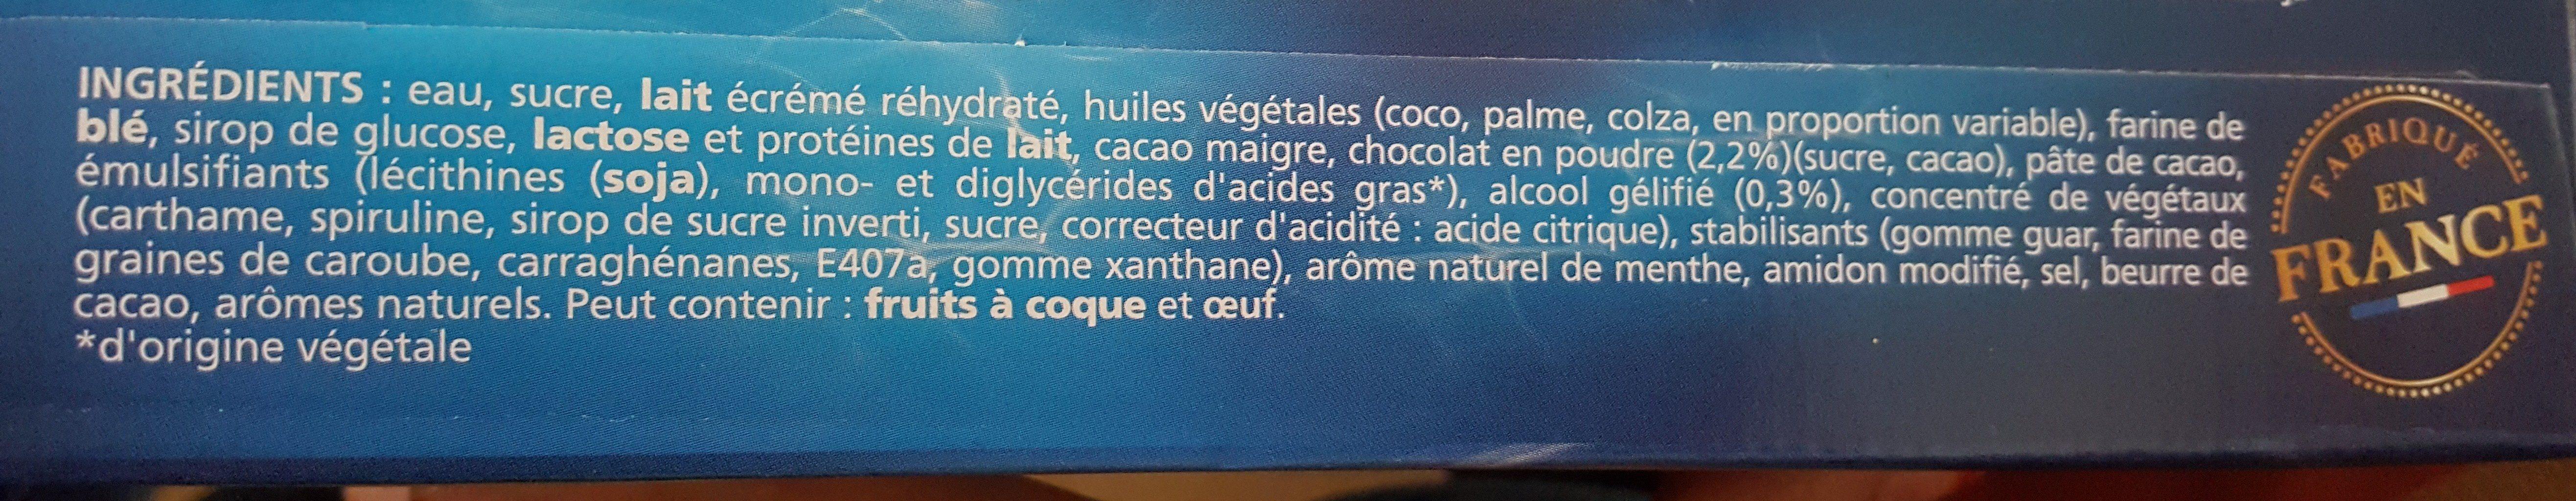 extrême Menthe Chocolat Pépites de chocolat - Ingredients - fr